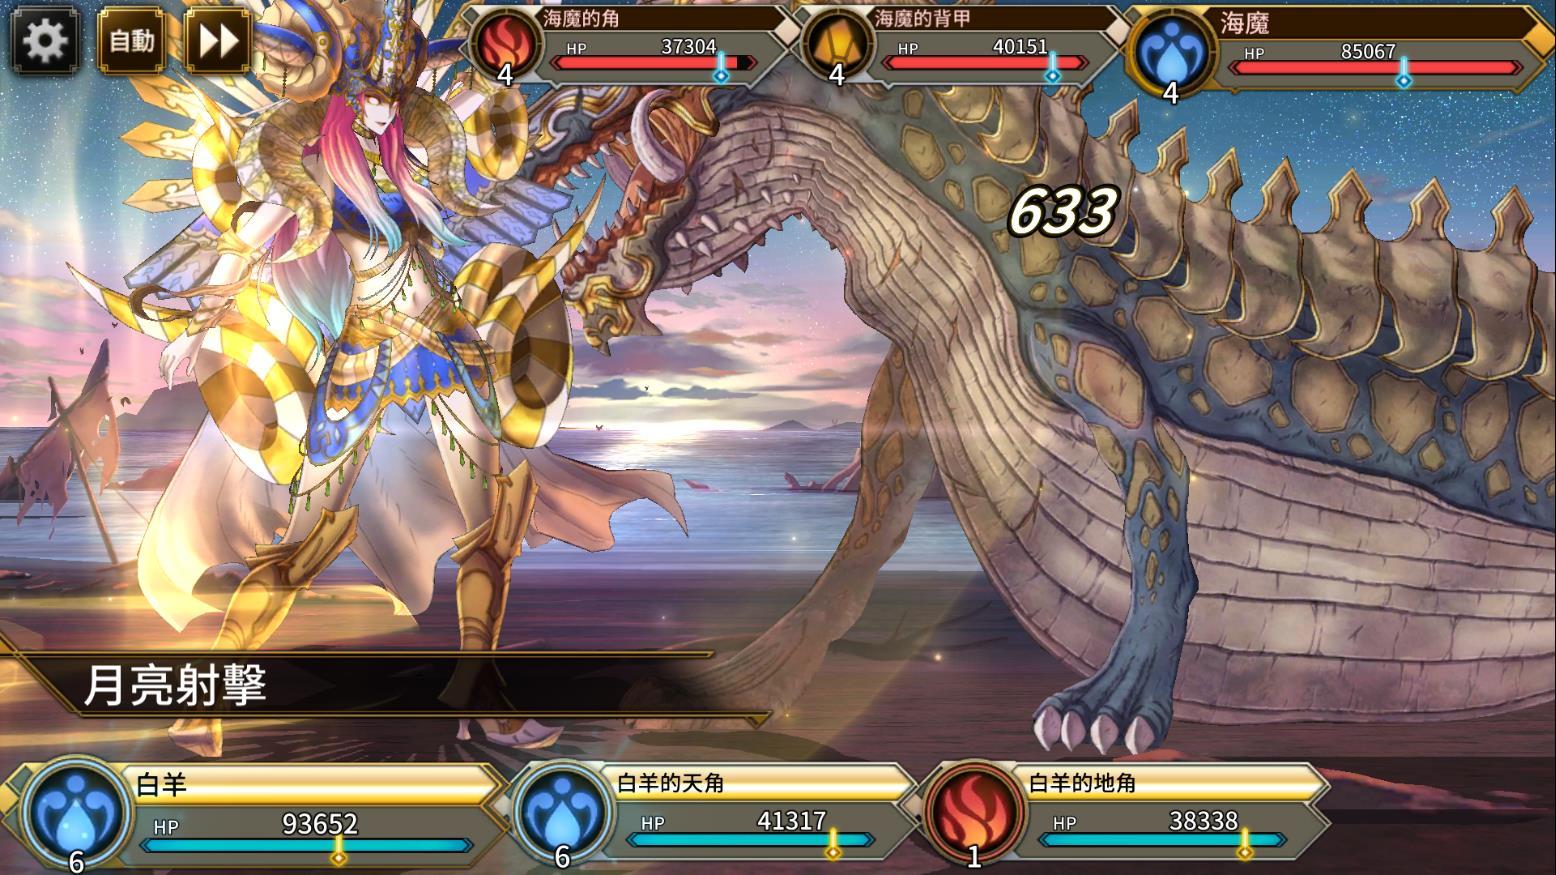 巨型伊多拉的戰鬥更是魄力滿點